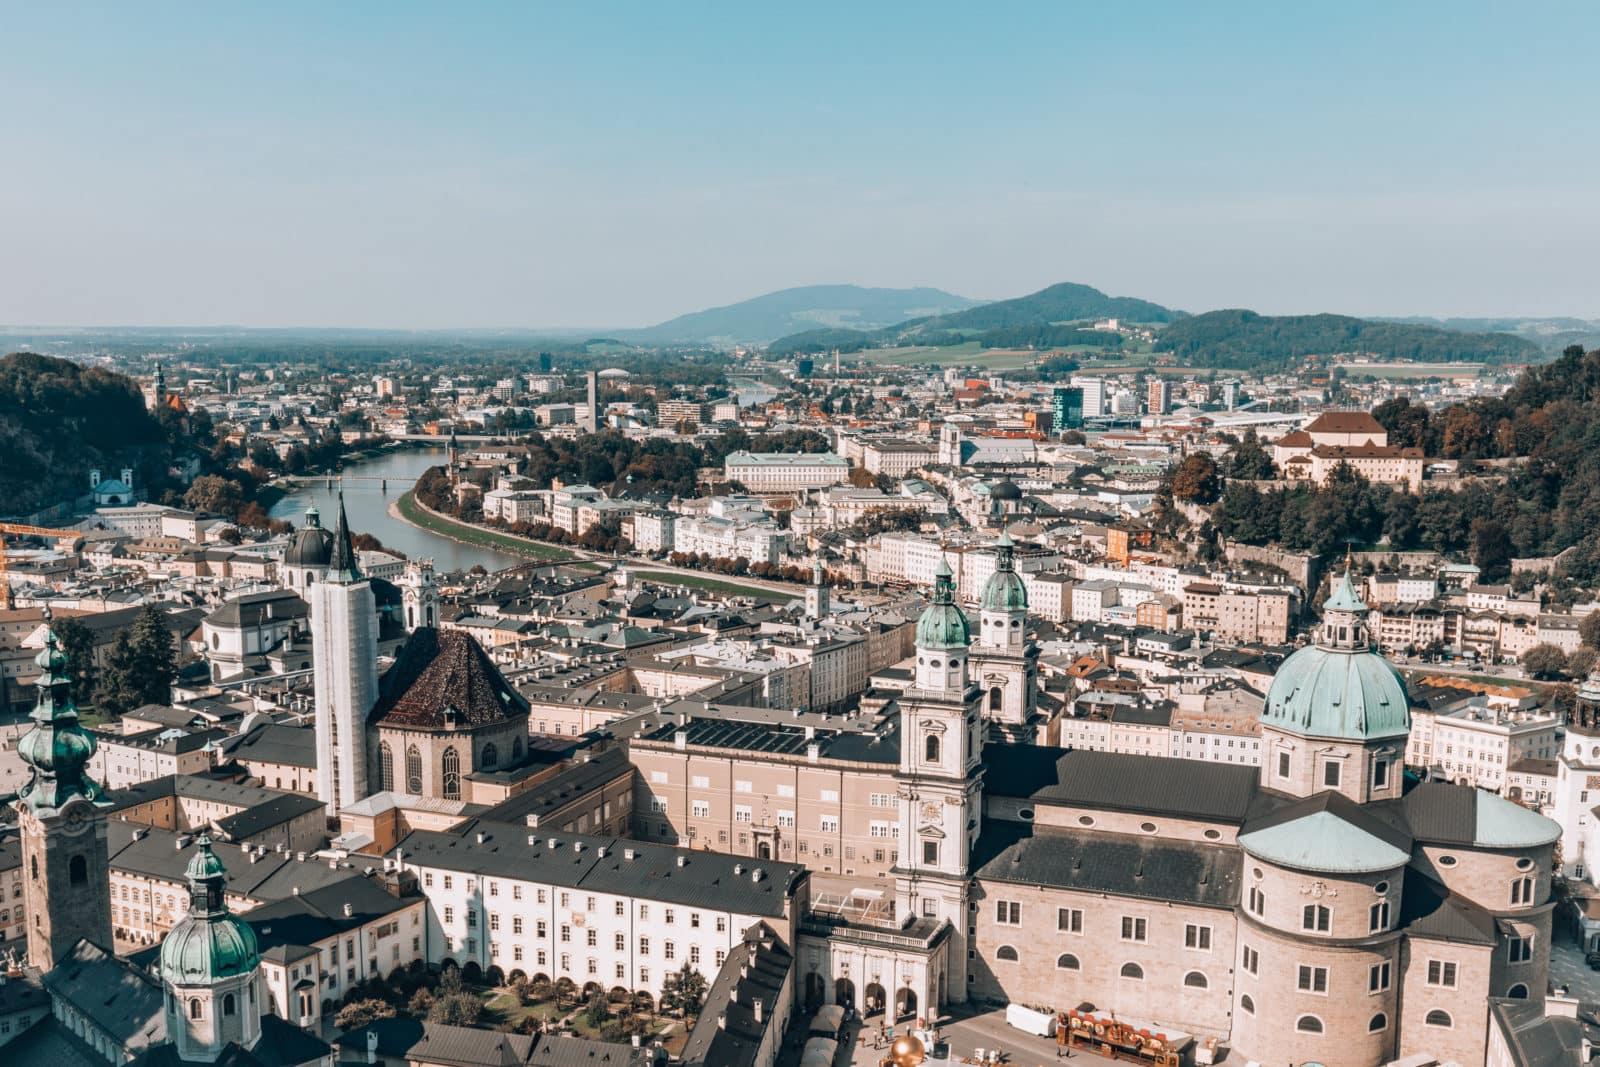 Sehenswürdigkeiten in Salzburg Österreich